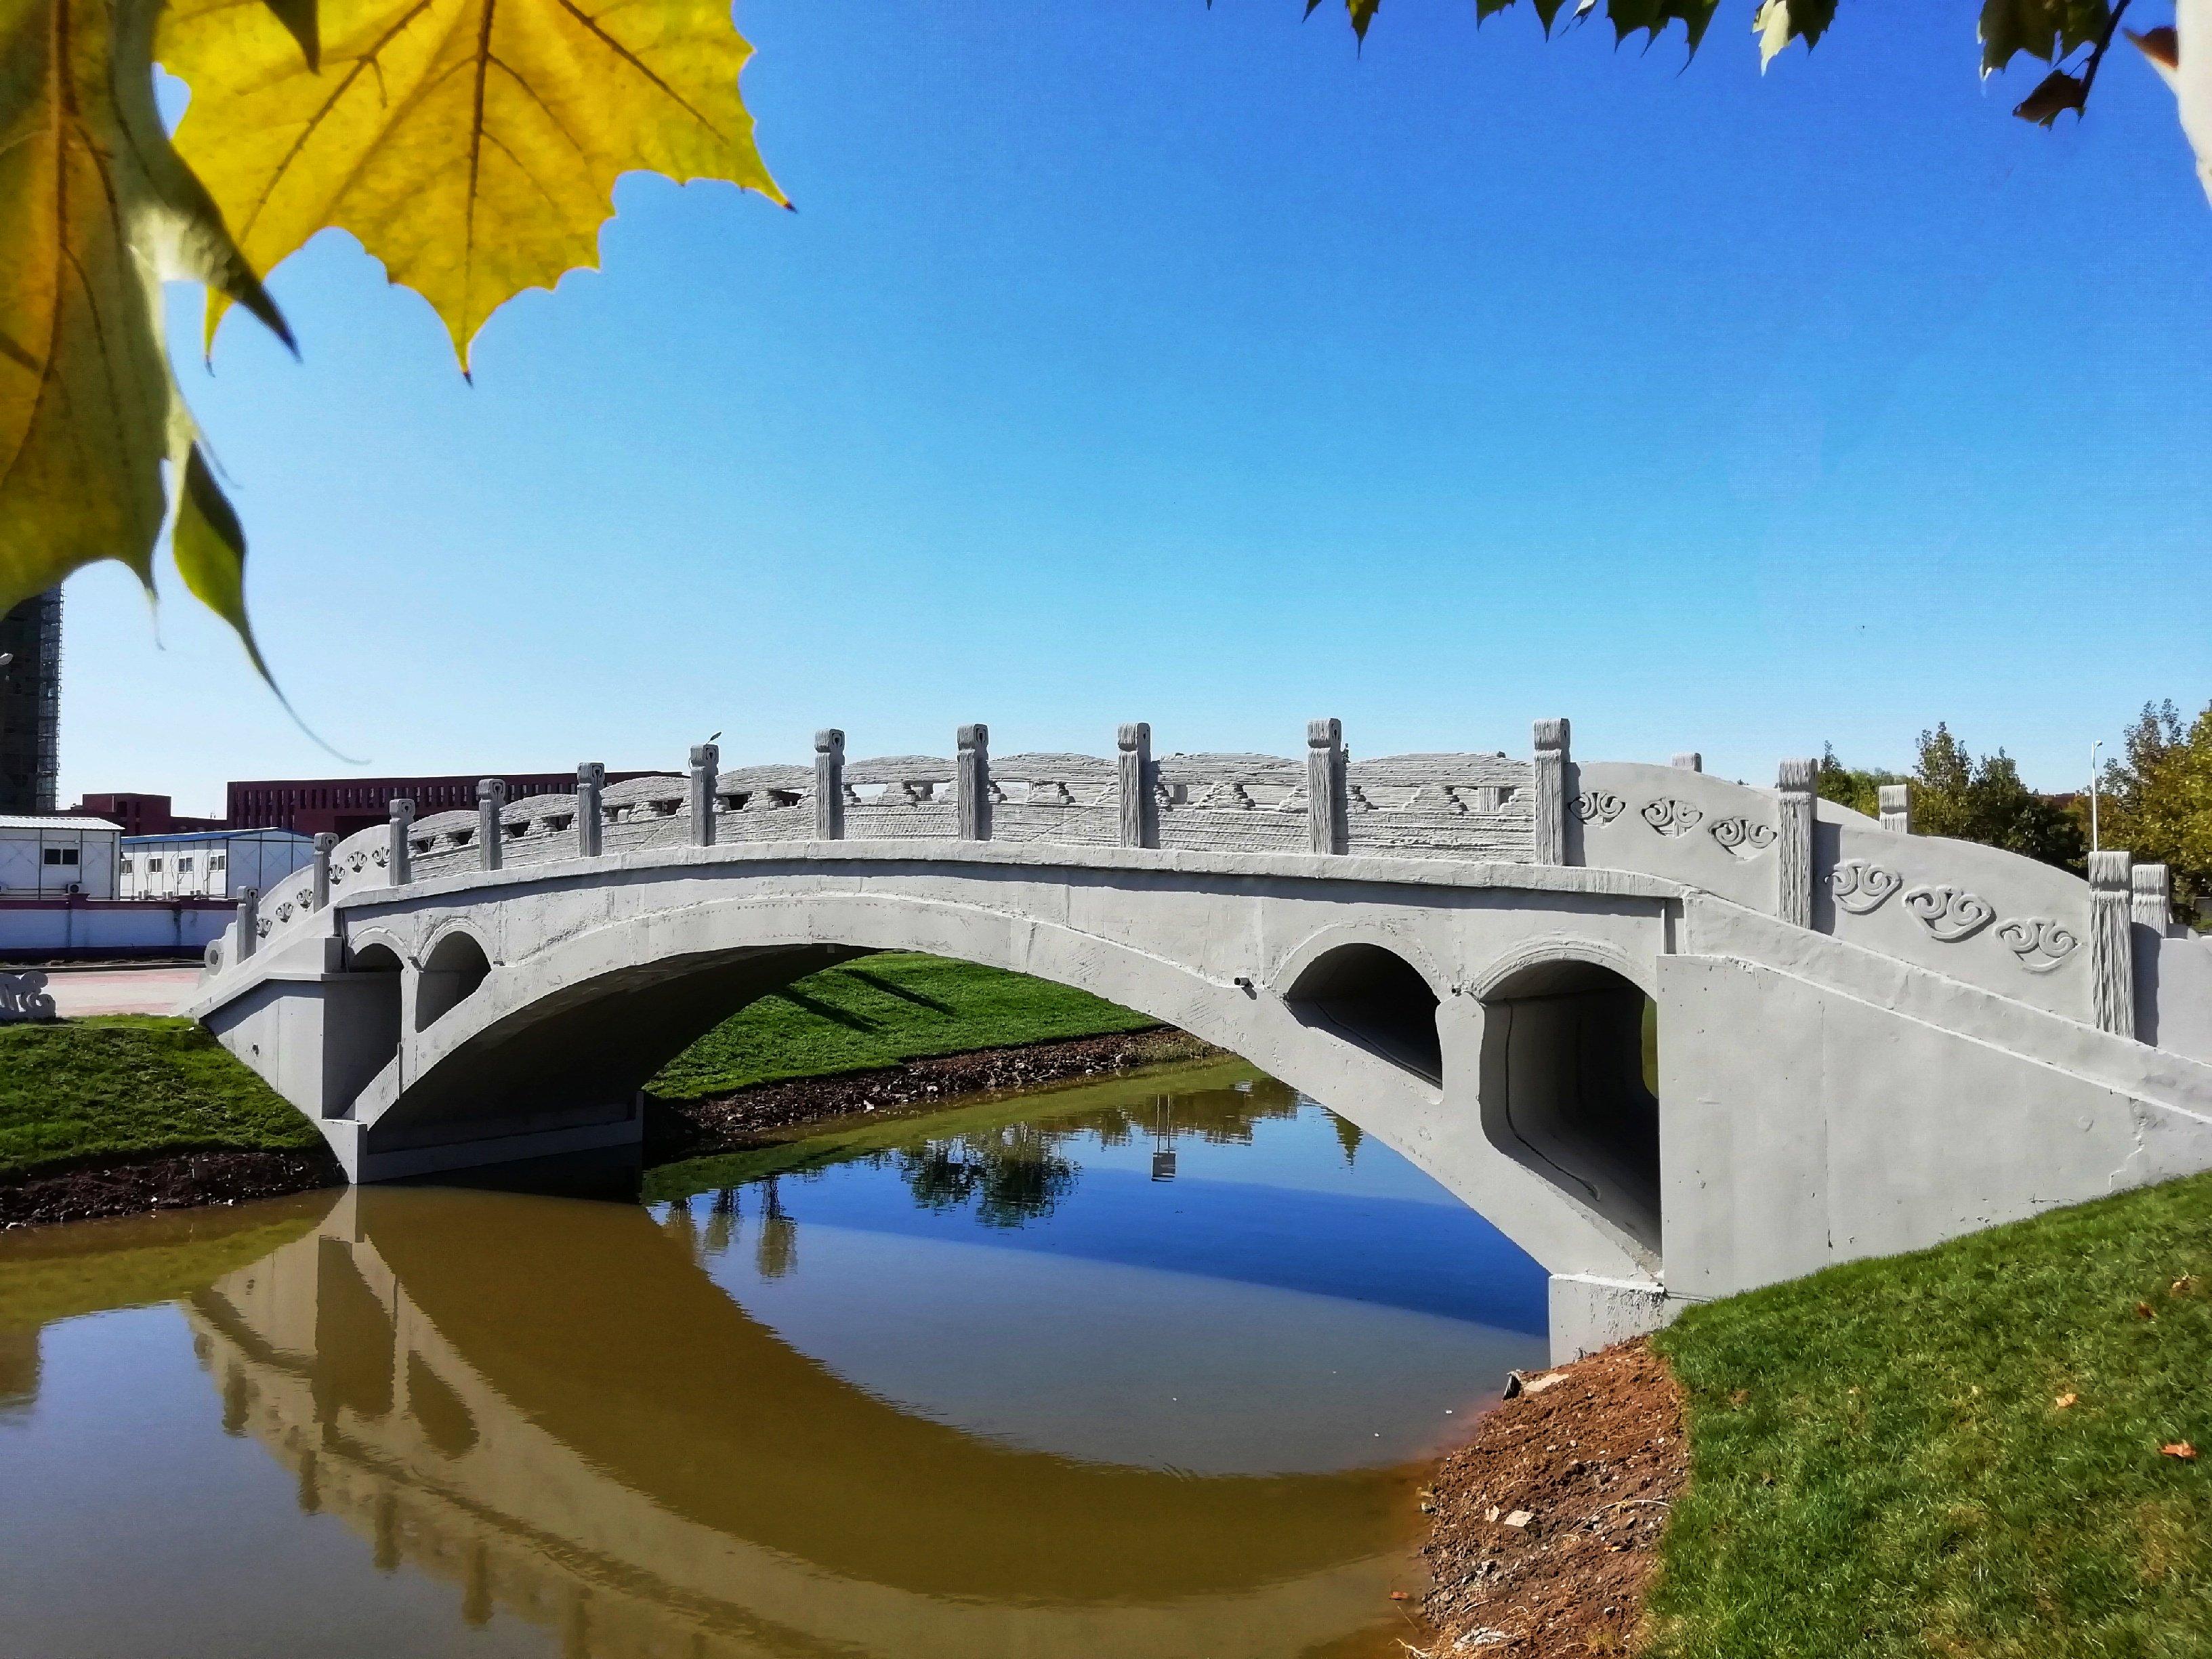 Construyen puente de hormigón impreso en 3D en el norte de China